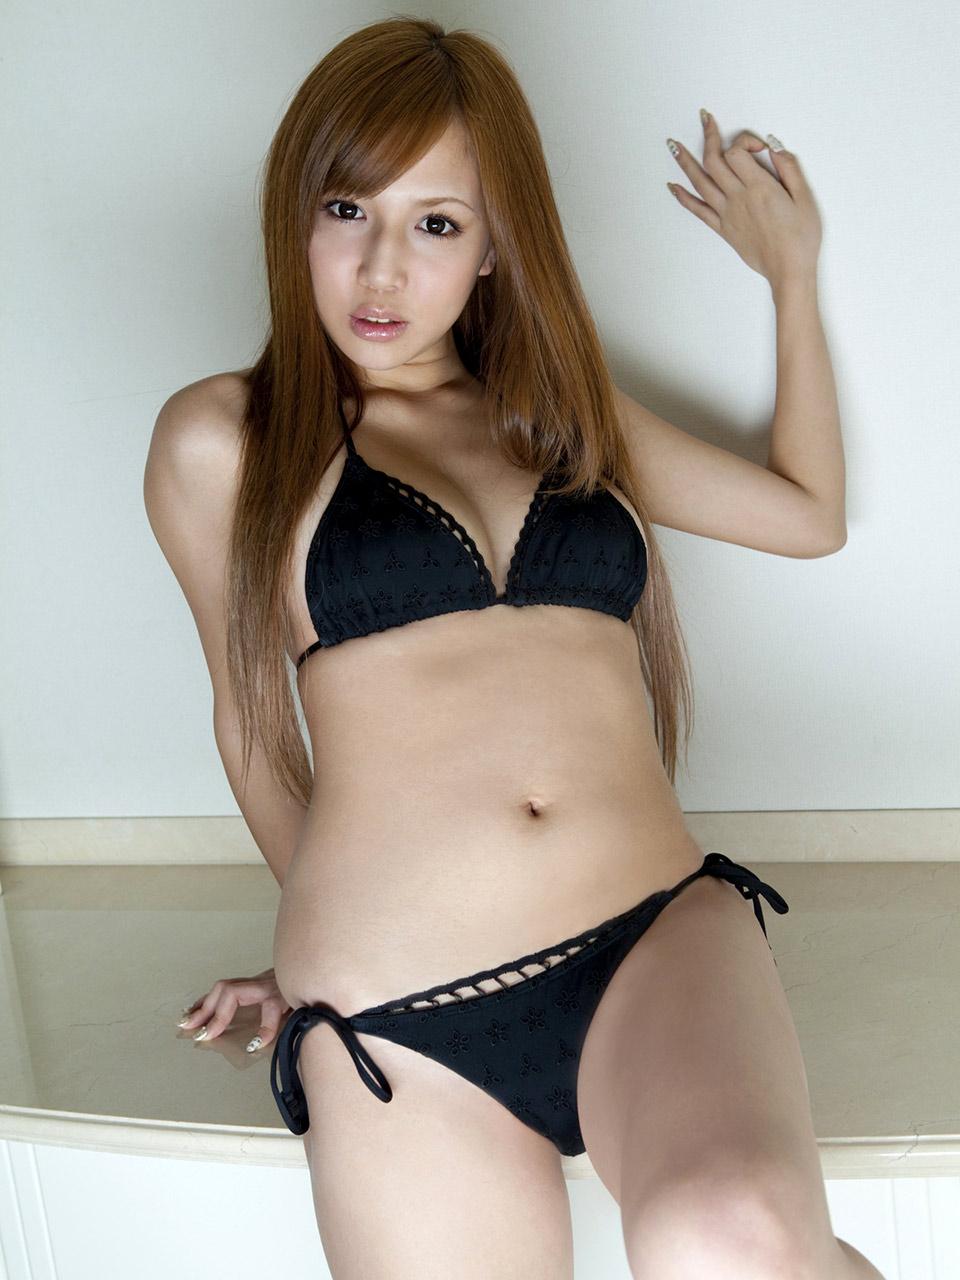 manami marutaka sexy bikini pics 03